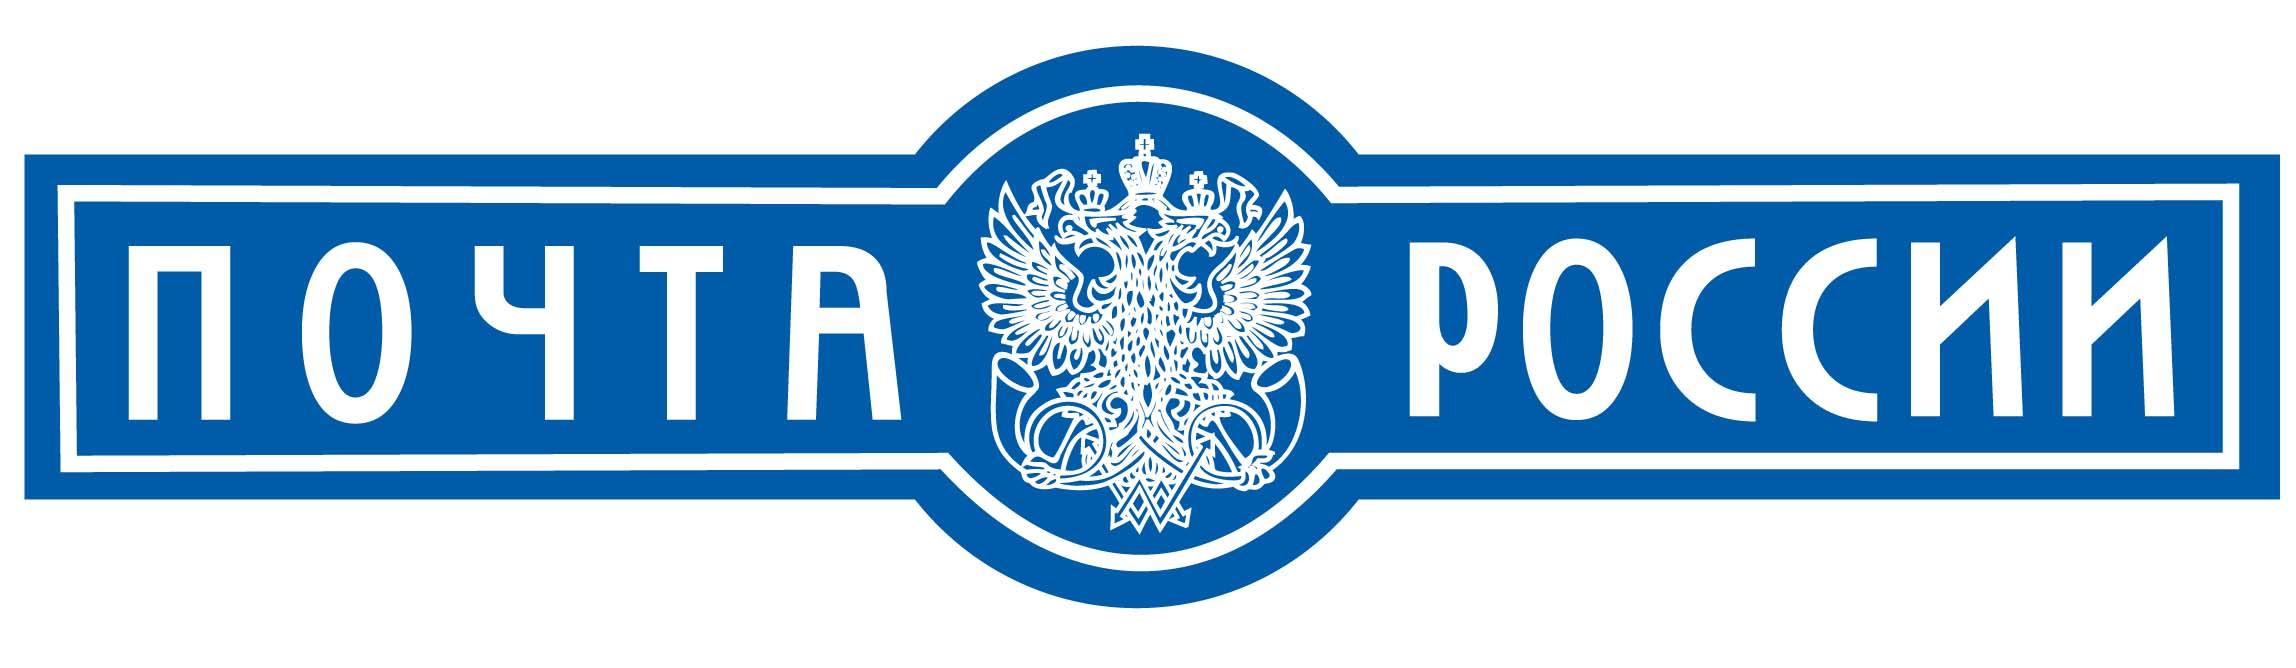 Фото с надписью почта россии, открытку